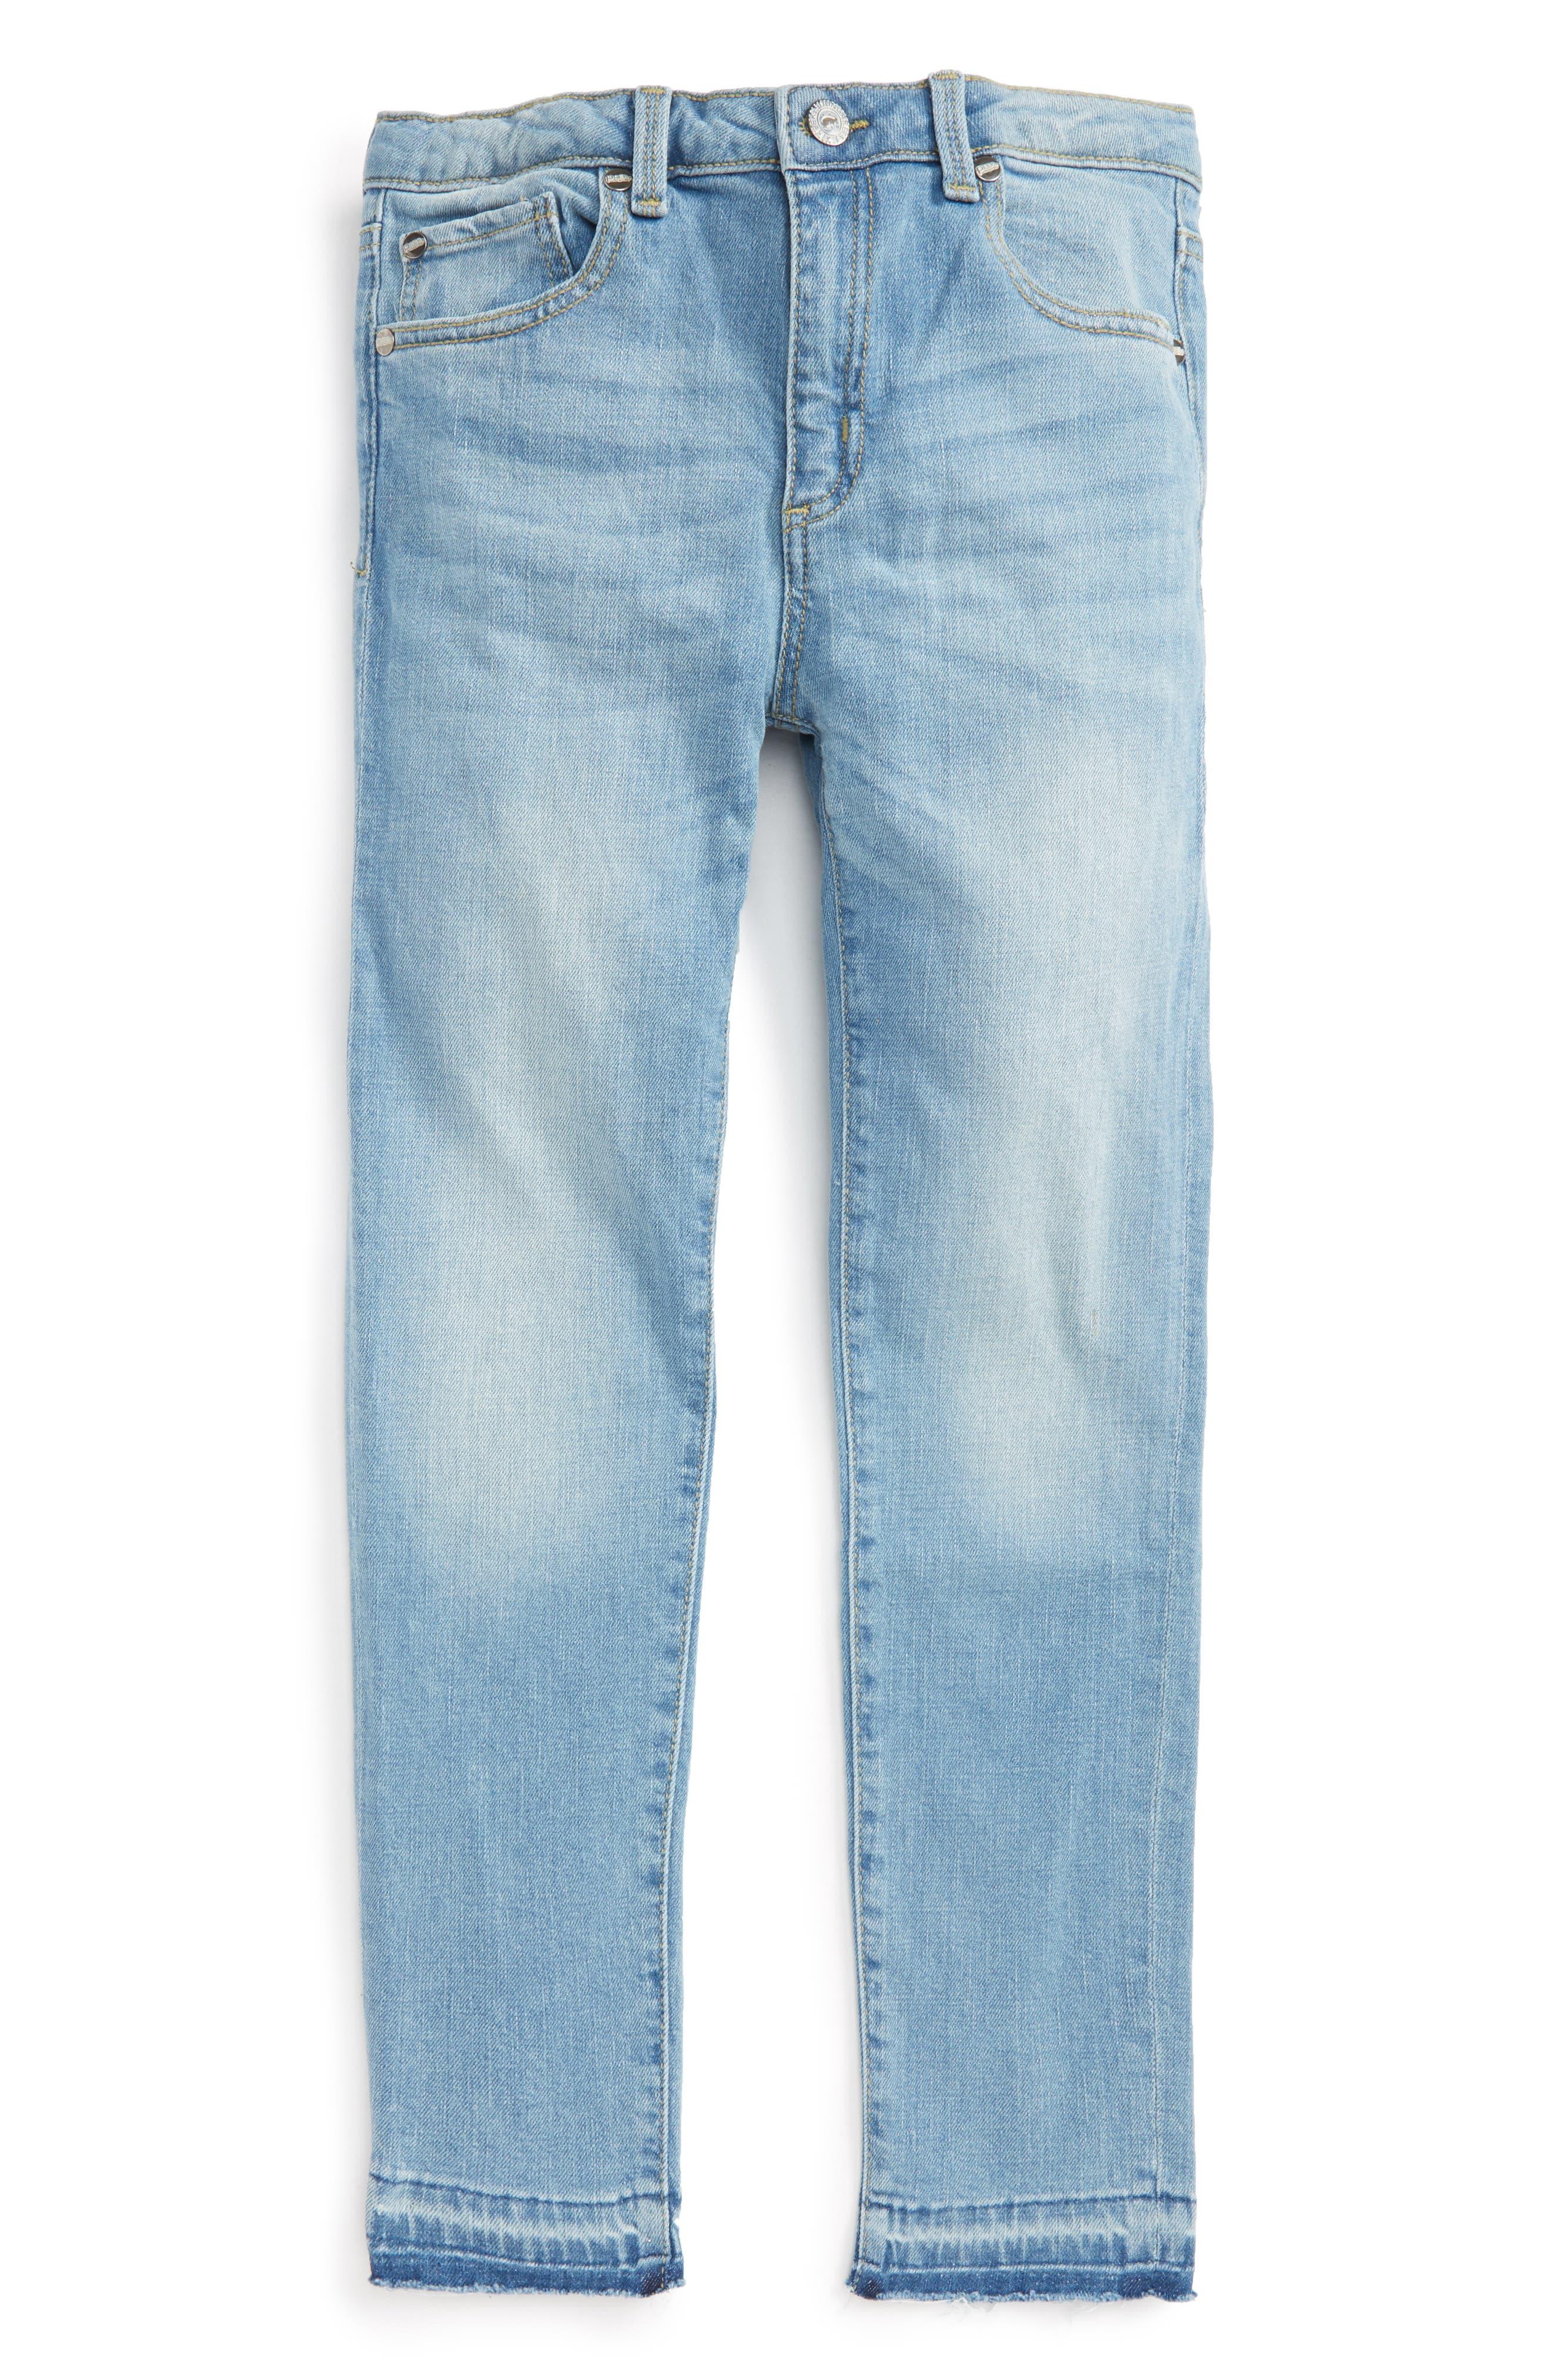 Peek Celeste Skinny Jeans (Toddler Girls, Little Girls & Big Girls)